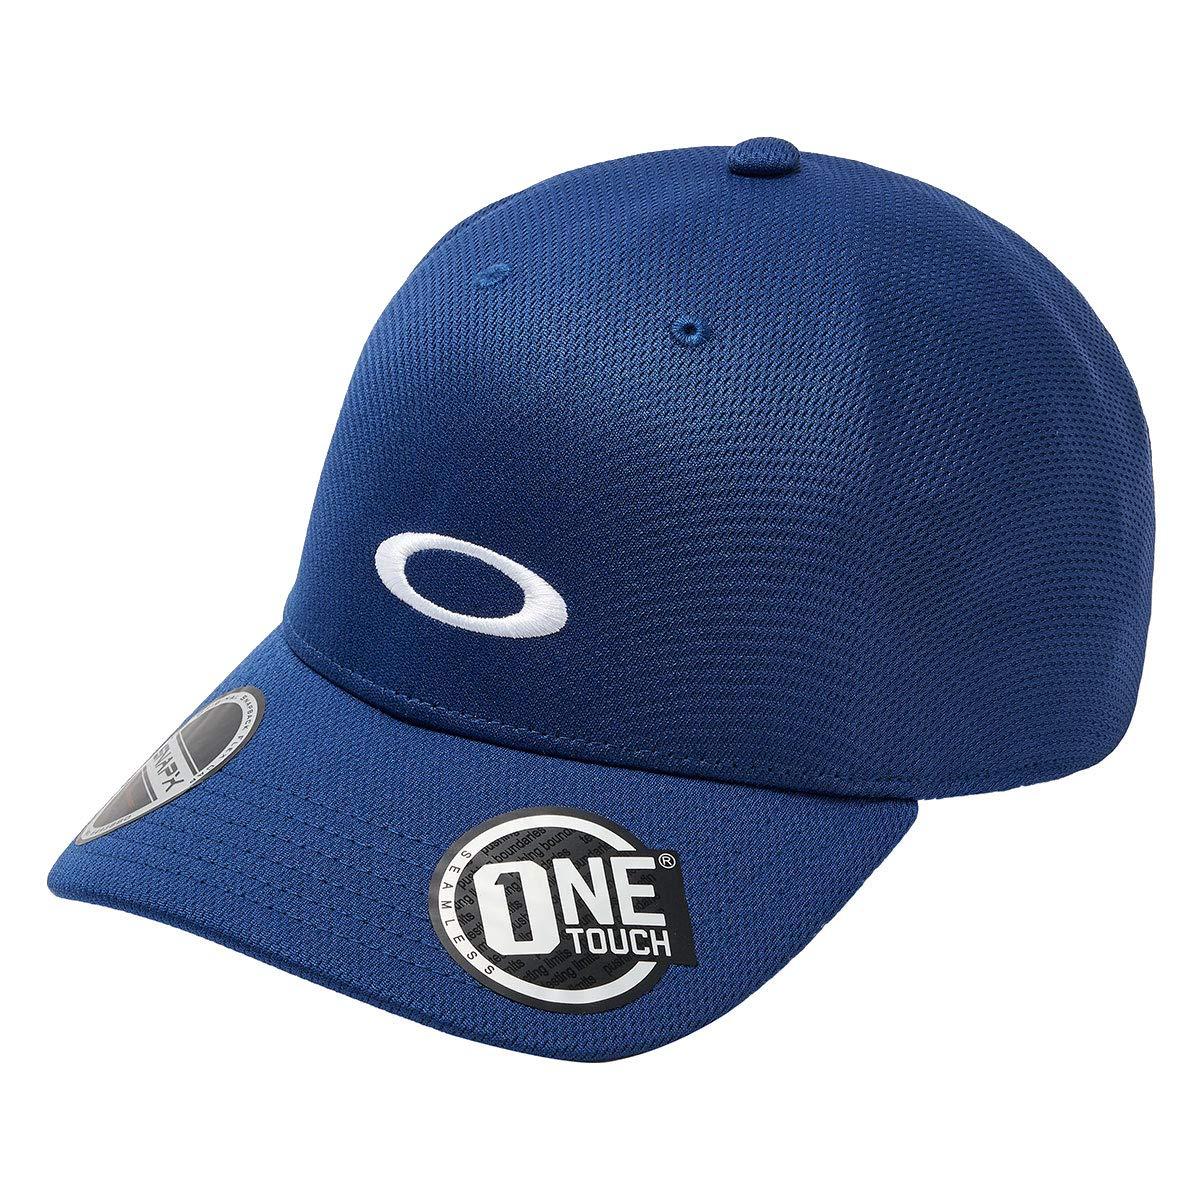 online store 40db8 c8b6d Oakley Men s Tech Cap at Amazon Men s Clothing store